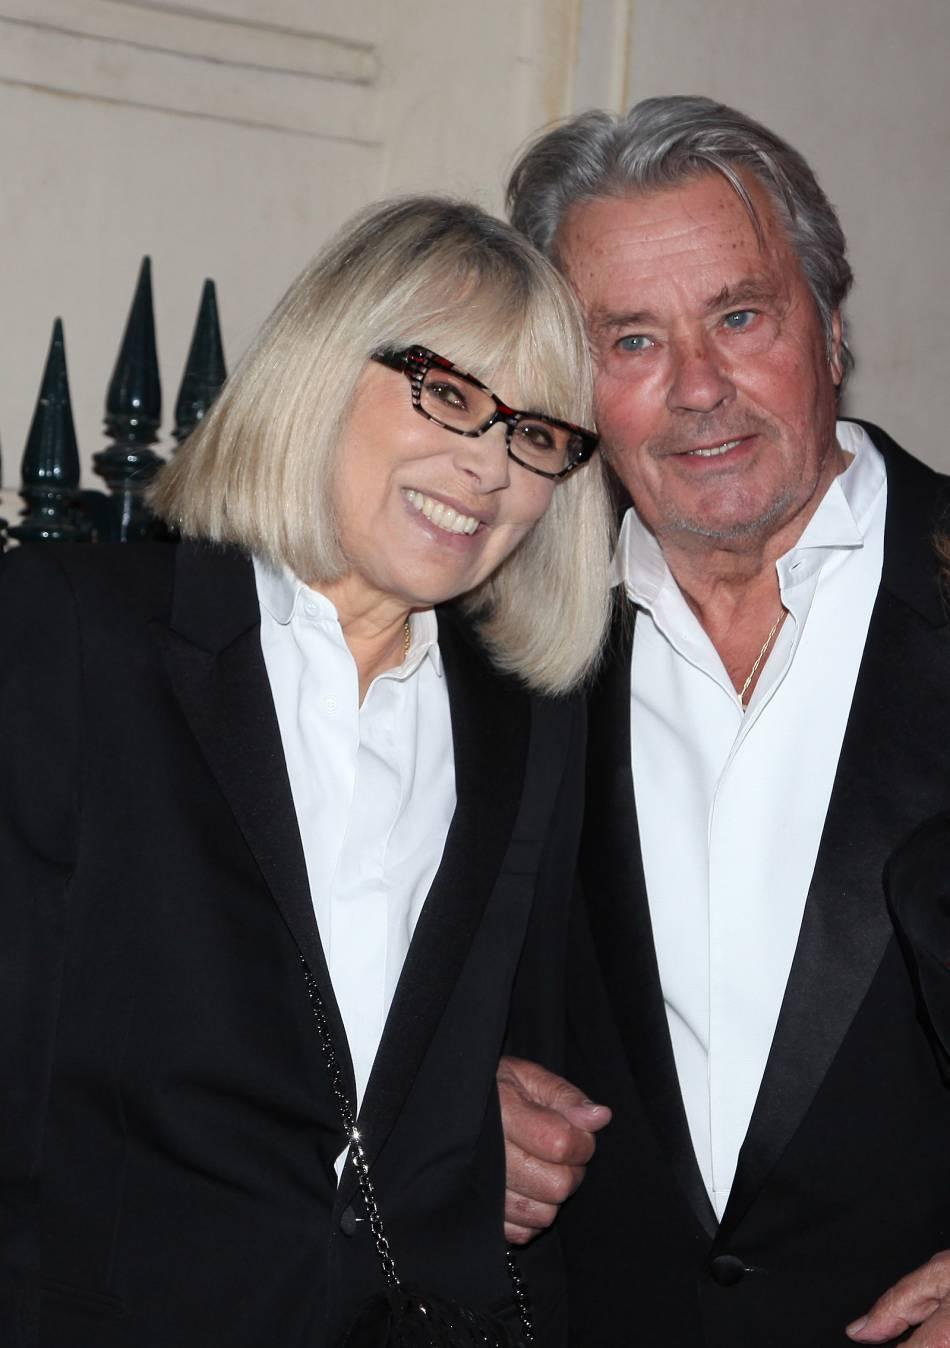 Mireille Darc et Alain Delon, toujours aussi inséparables même après leur rupture amoureuse.